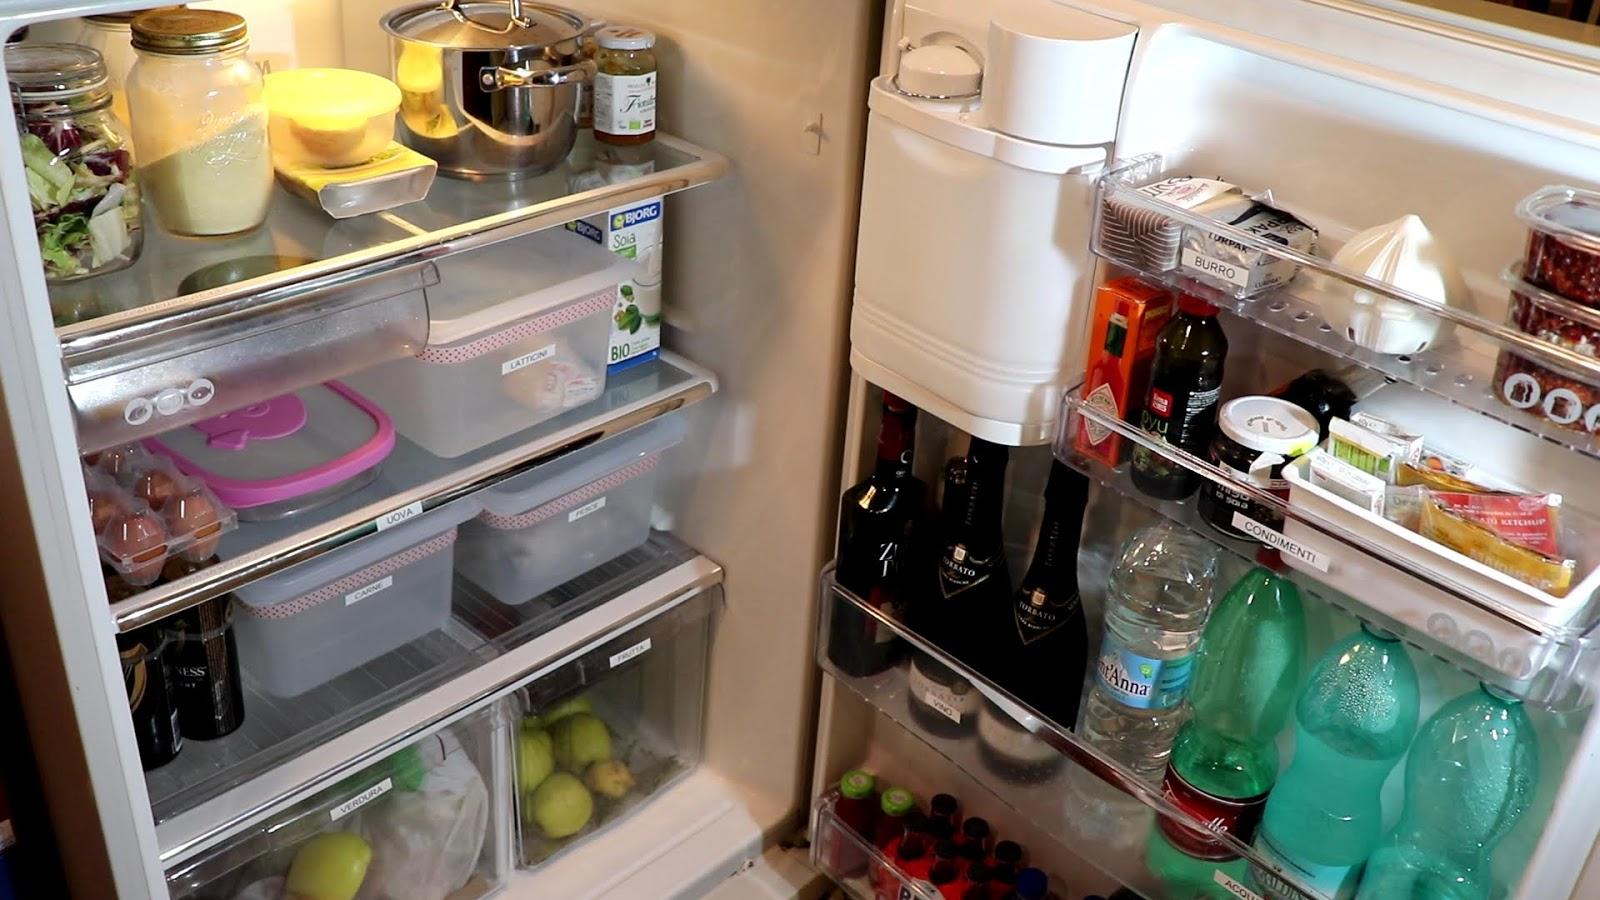 Contenitori Per Organizzare Frigo riorganizzo il mio frigorifero insieme a voi   come